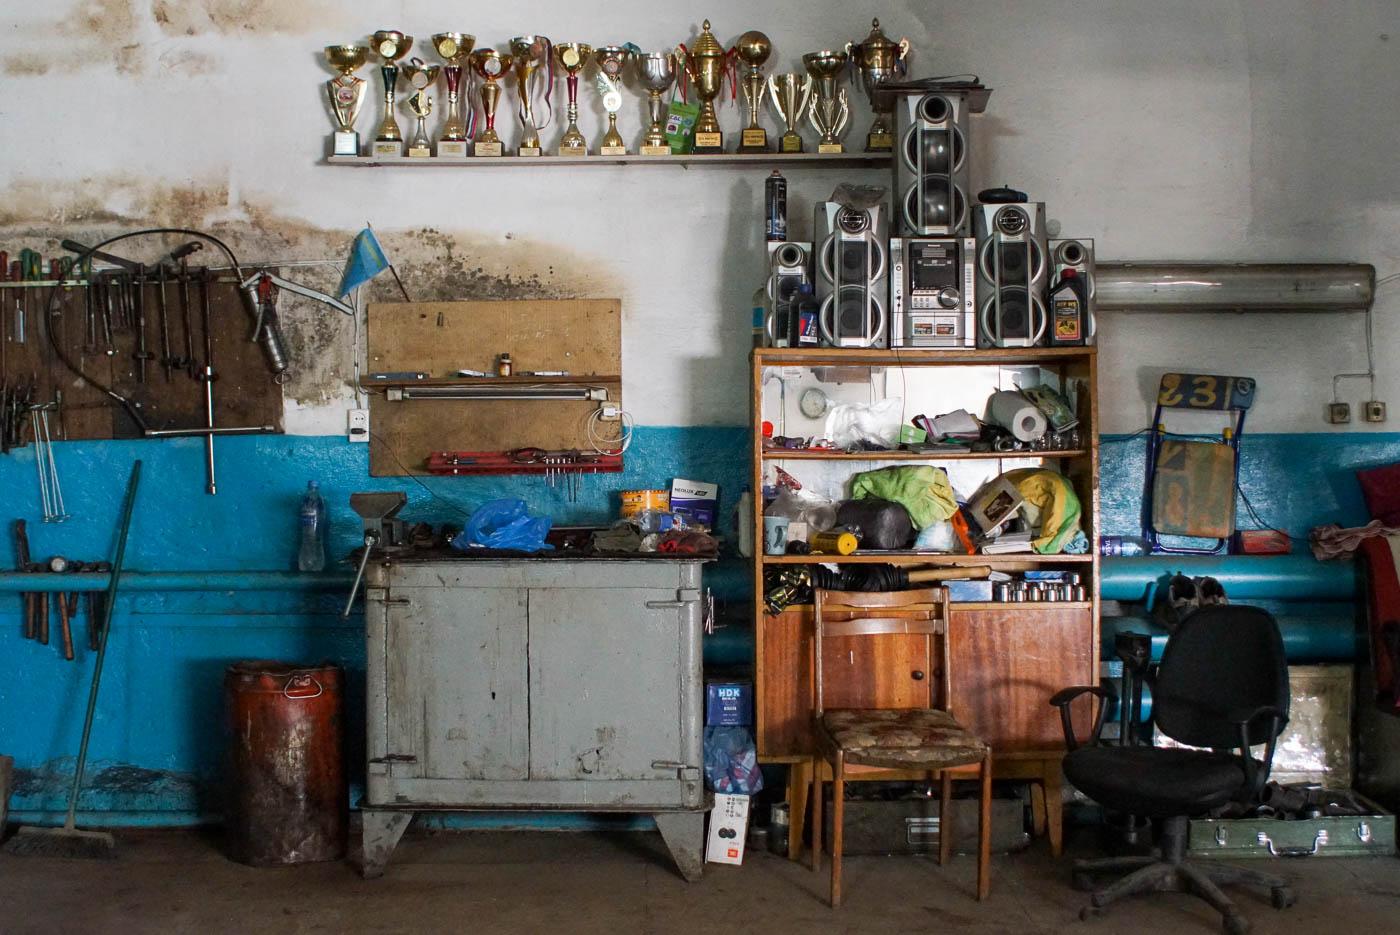 zu sehen ist die Band in einer Werkstatt in Pawlodar links hängen Werkzeuge an der Wand in der Mitte ist eine Stahl Kommode mit Schraubstock und Arbeitsfläche zu sehen darüber ist ein Brett mit vielen Pokalen von Autorennen angebracht. Rechts ist ein Regal mit großer Stereoanlage oben drauf und allerlei Krimskrams in drin zu sehen.